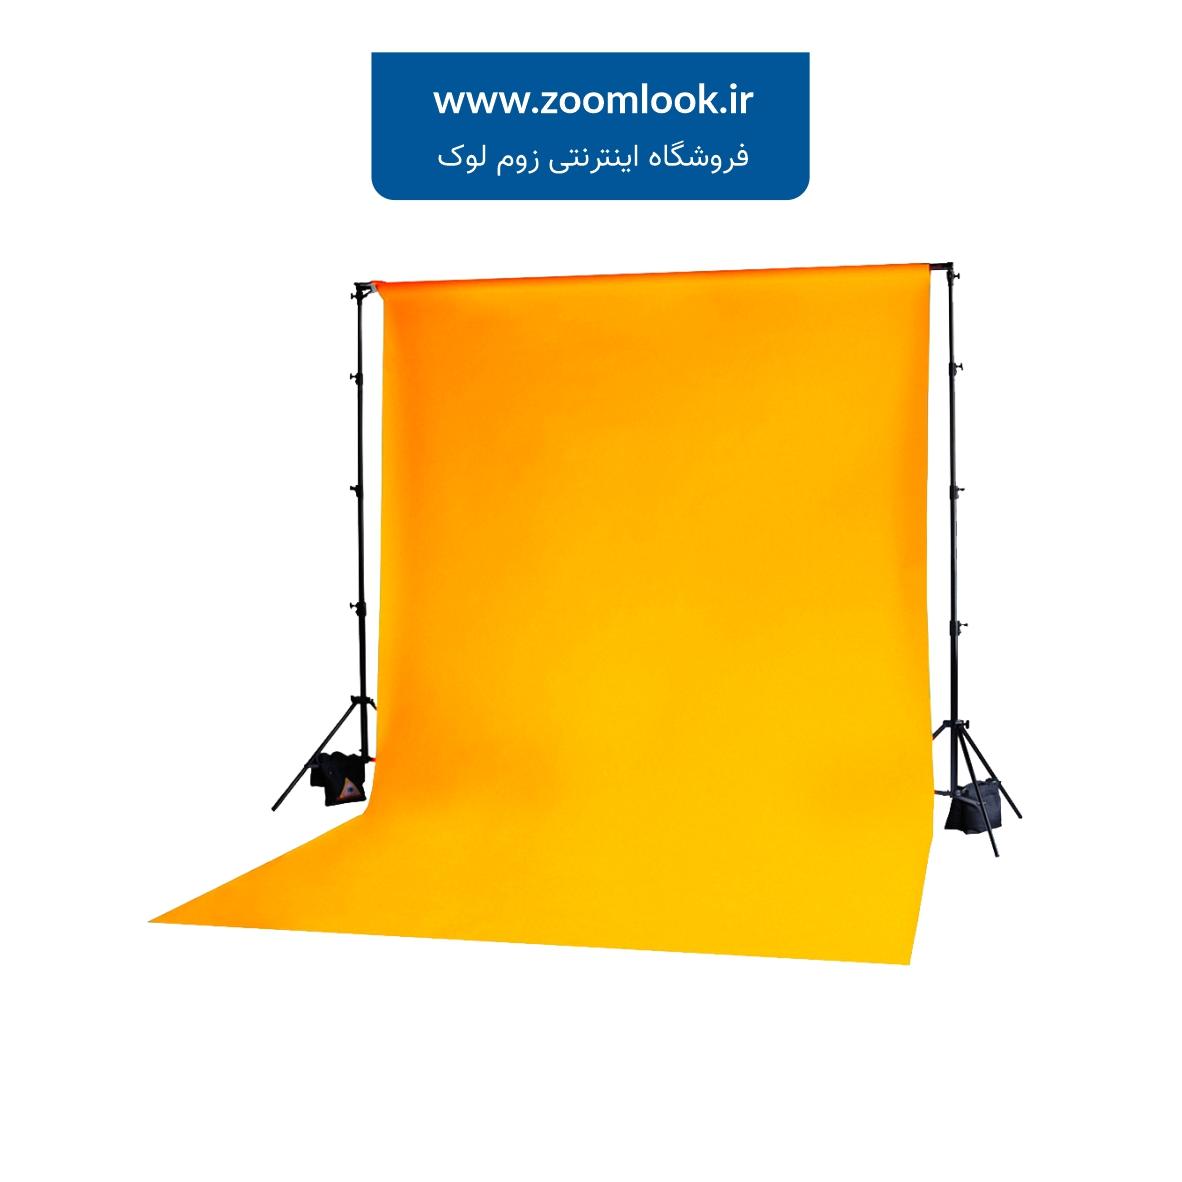 فون شطرنجی عکاسی نارنجی ۳×۲